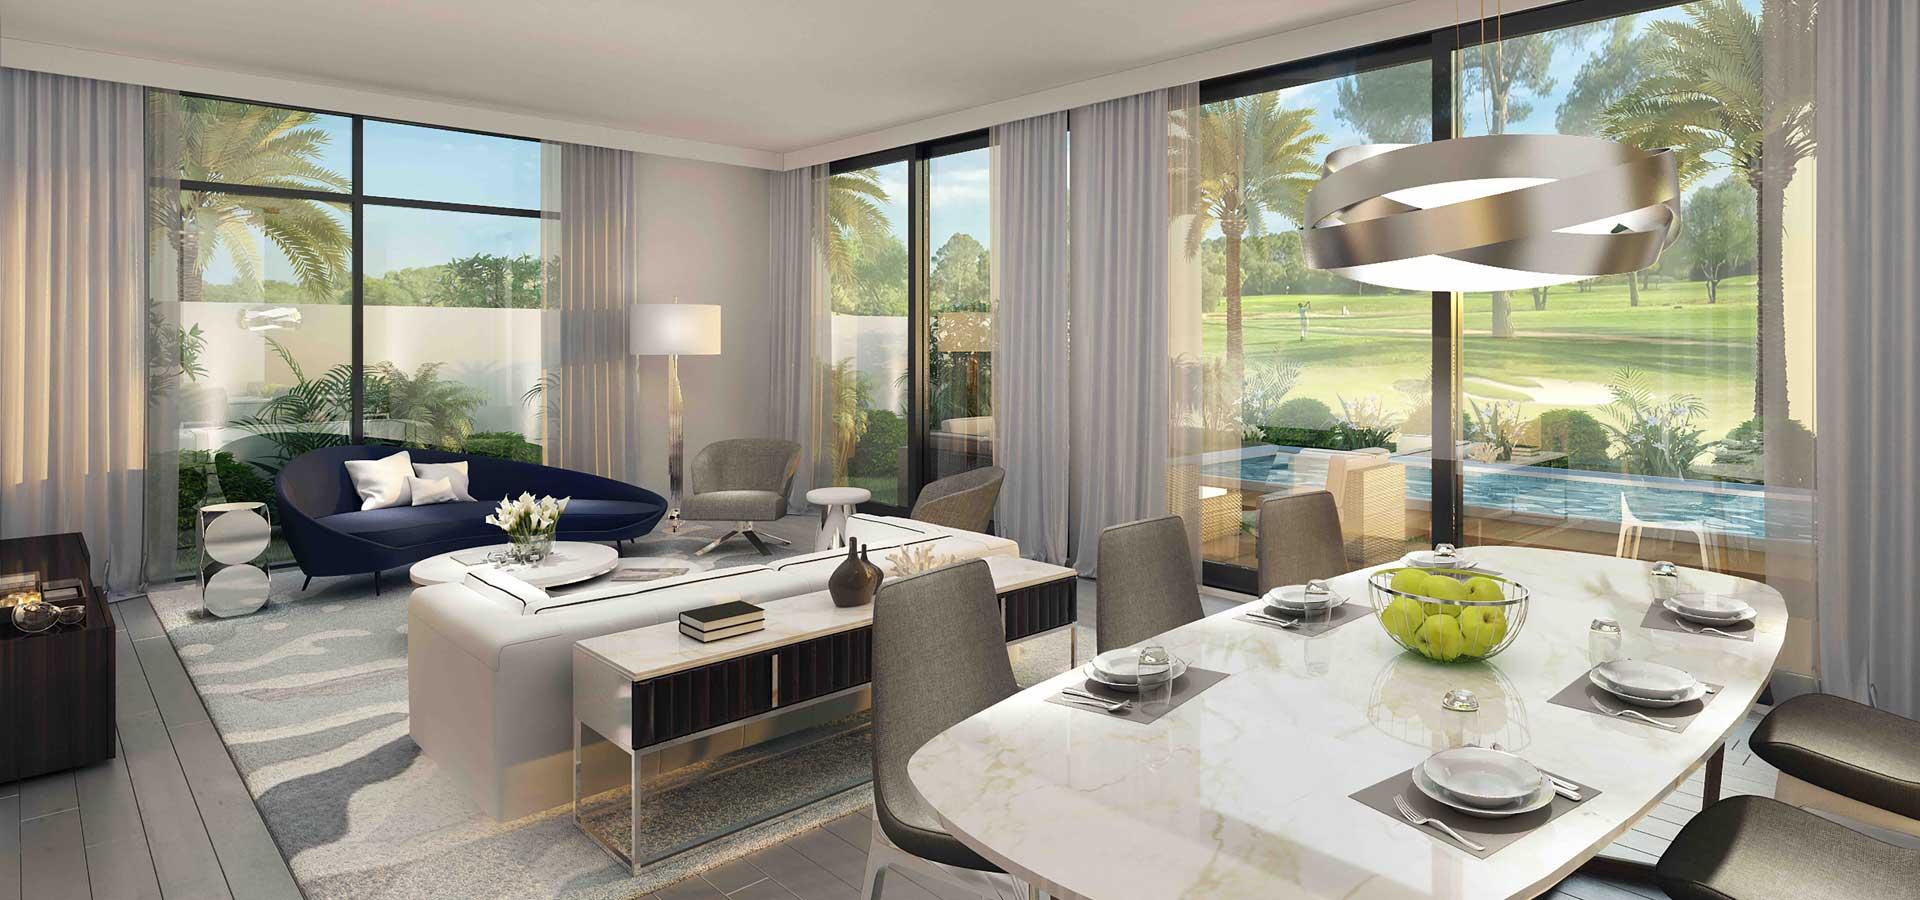 generous-sized-villa-in-golf-links